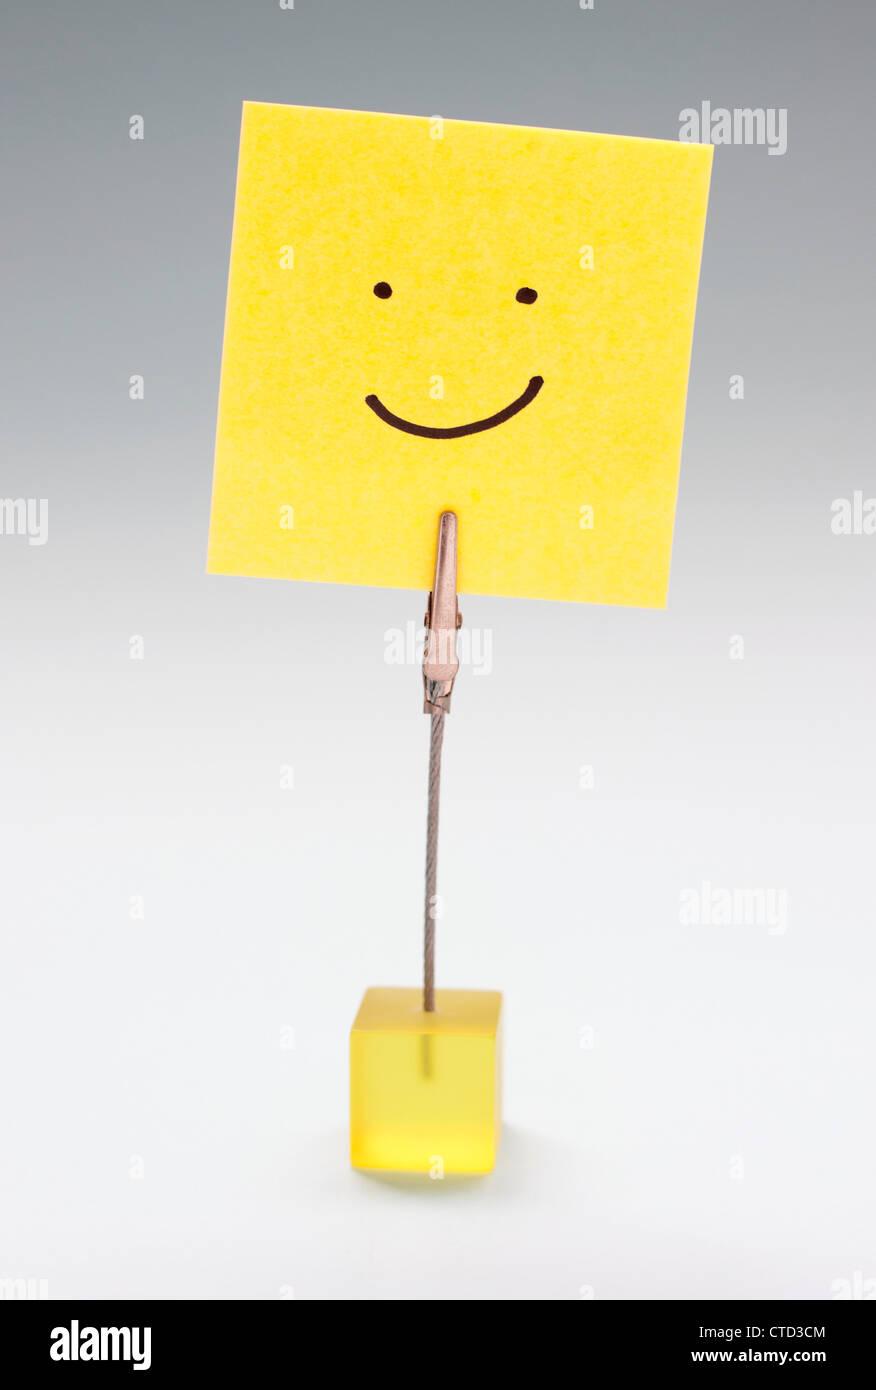 Imagen conceptual de la felicidad Imagen De Stock